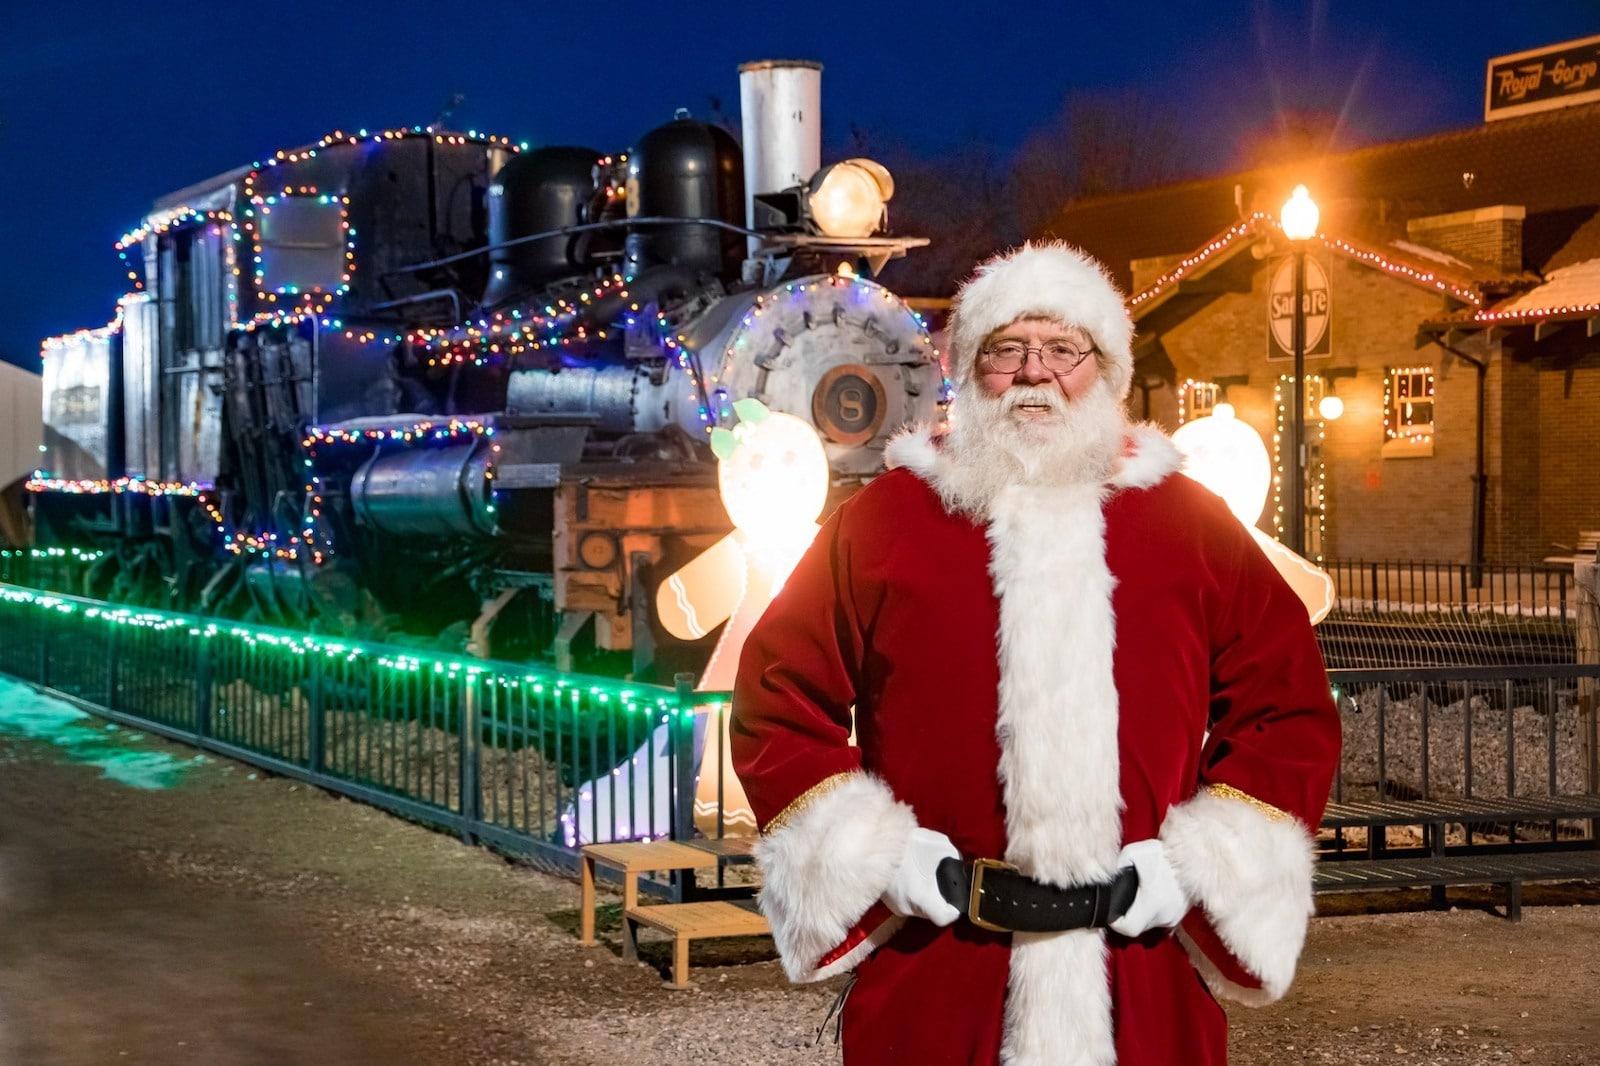 Image of Santa at the Royal Gorge Route Railroad Santa Express in Colorado